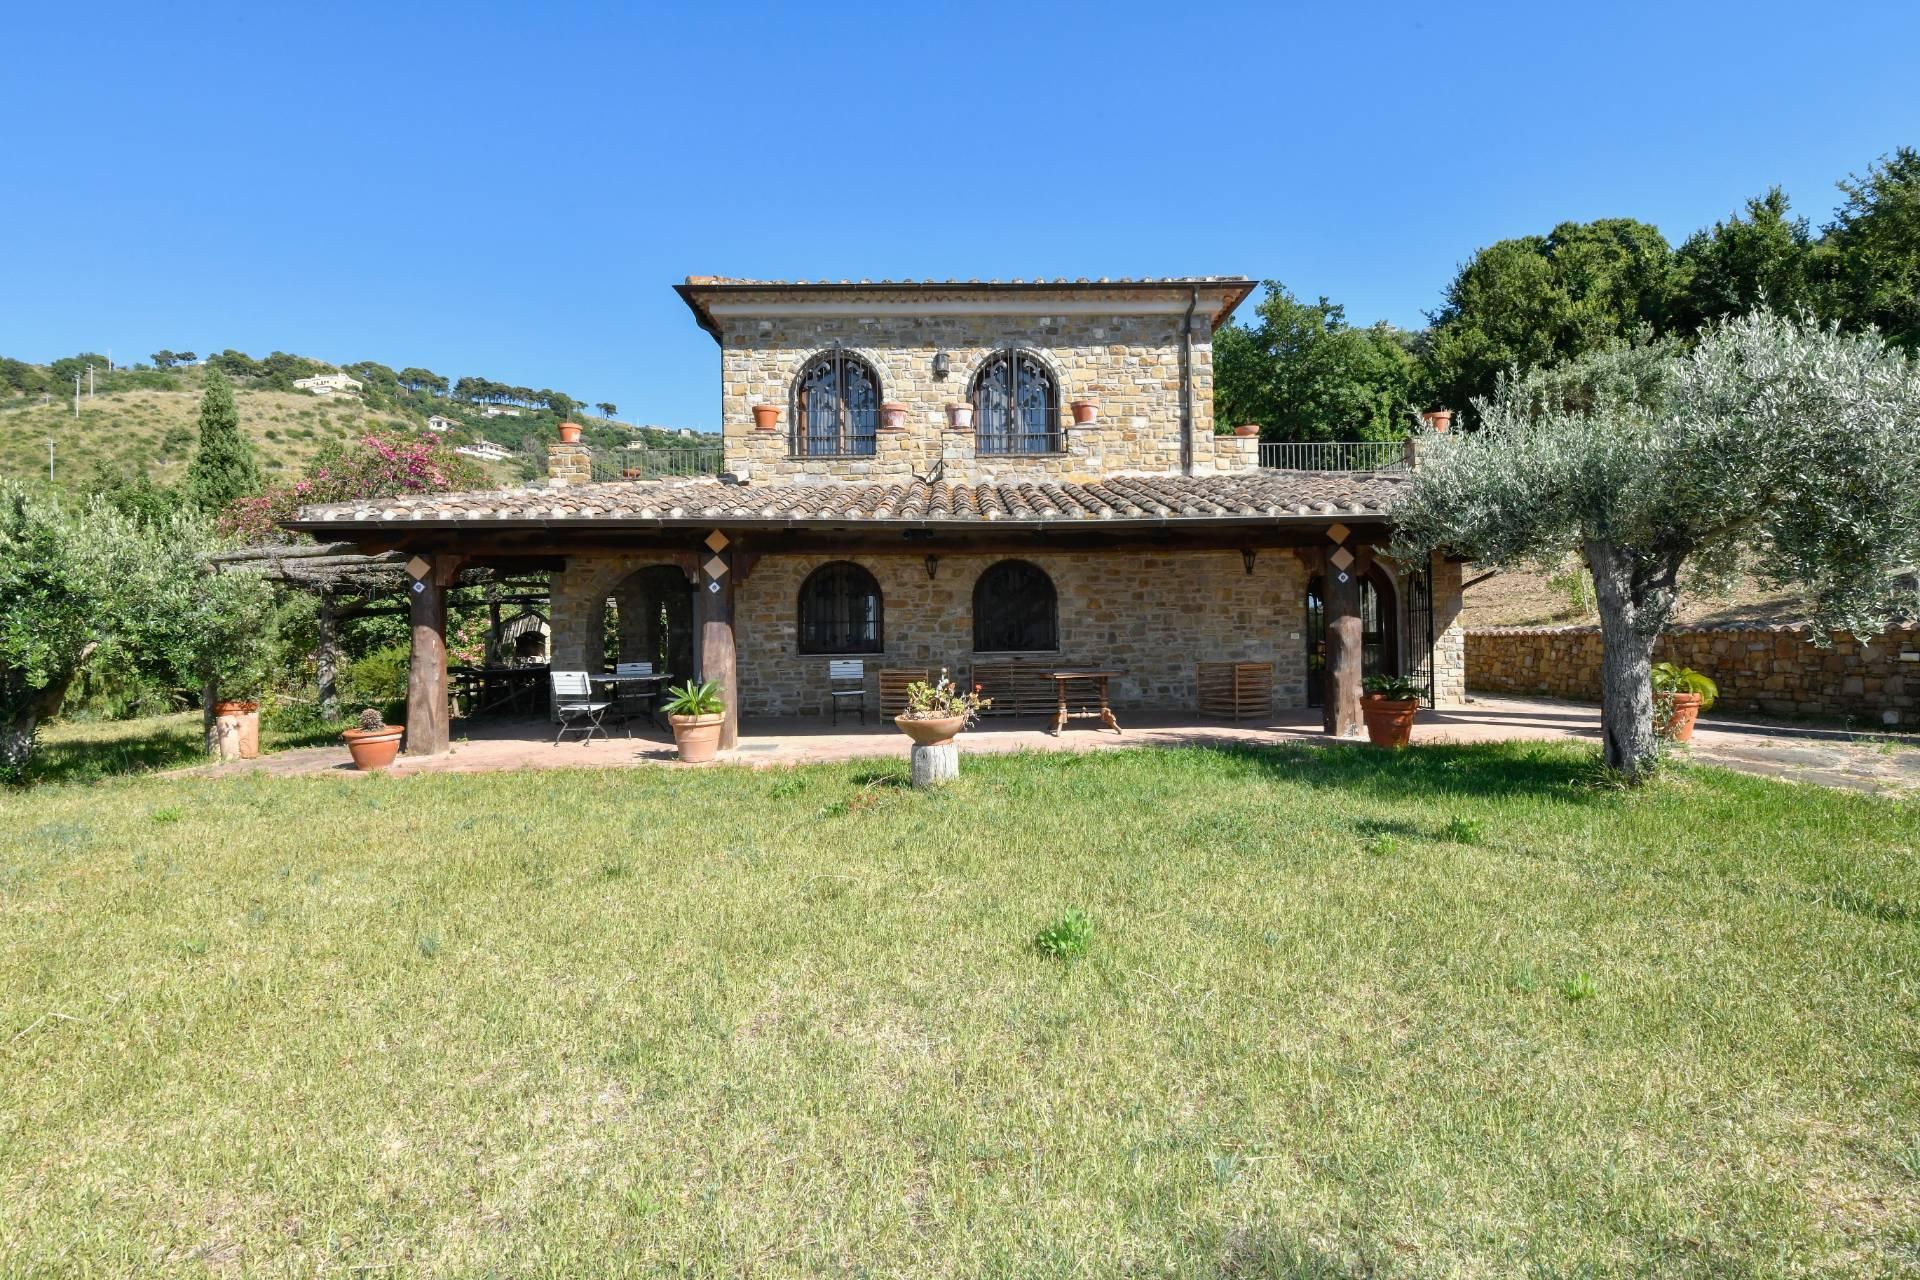 Villa in vendita a Castellabate, 7 locali, zona Località: S.aMaria, prezzo € 820.000   CambioCasa.it